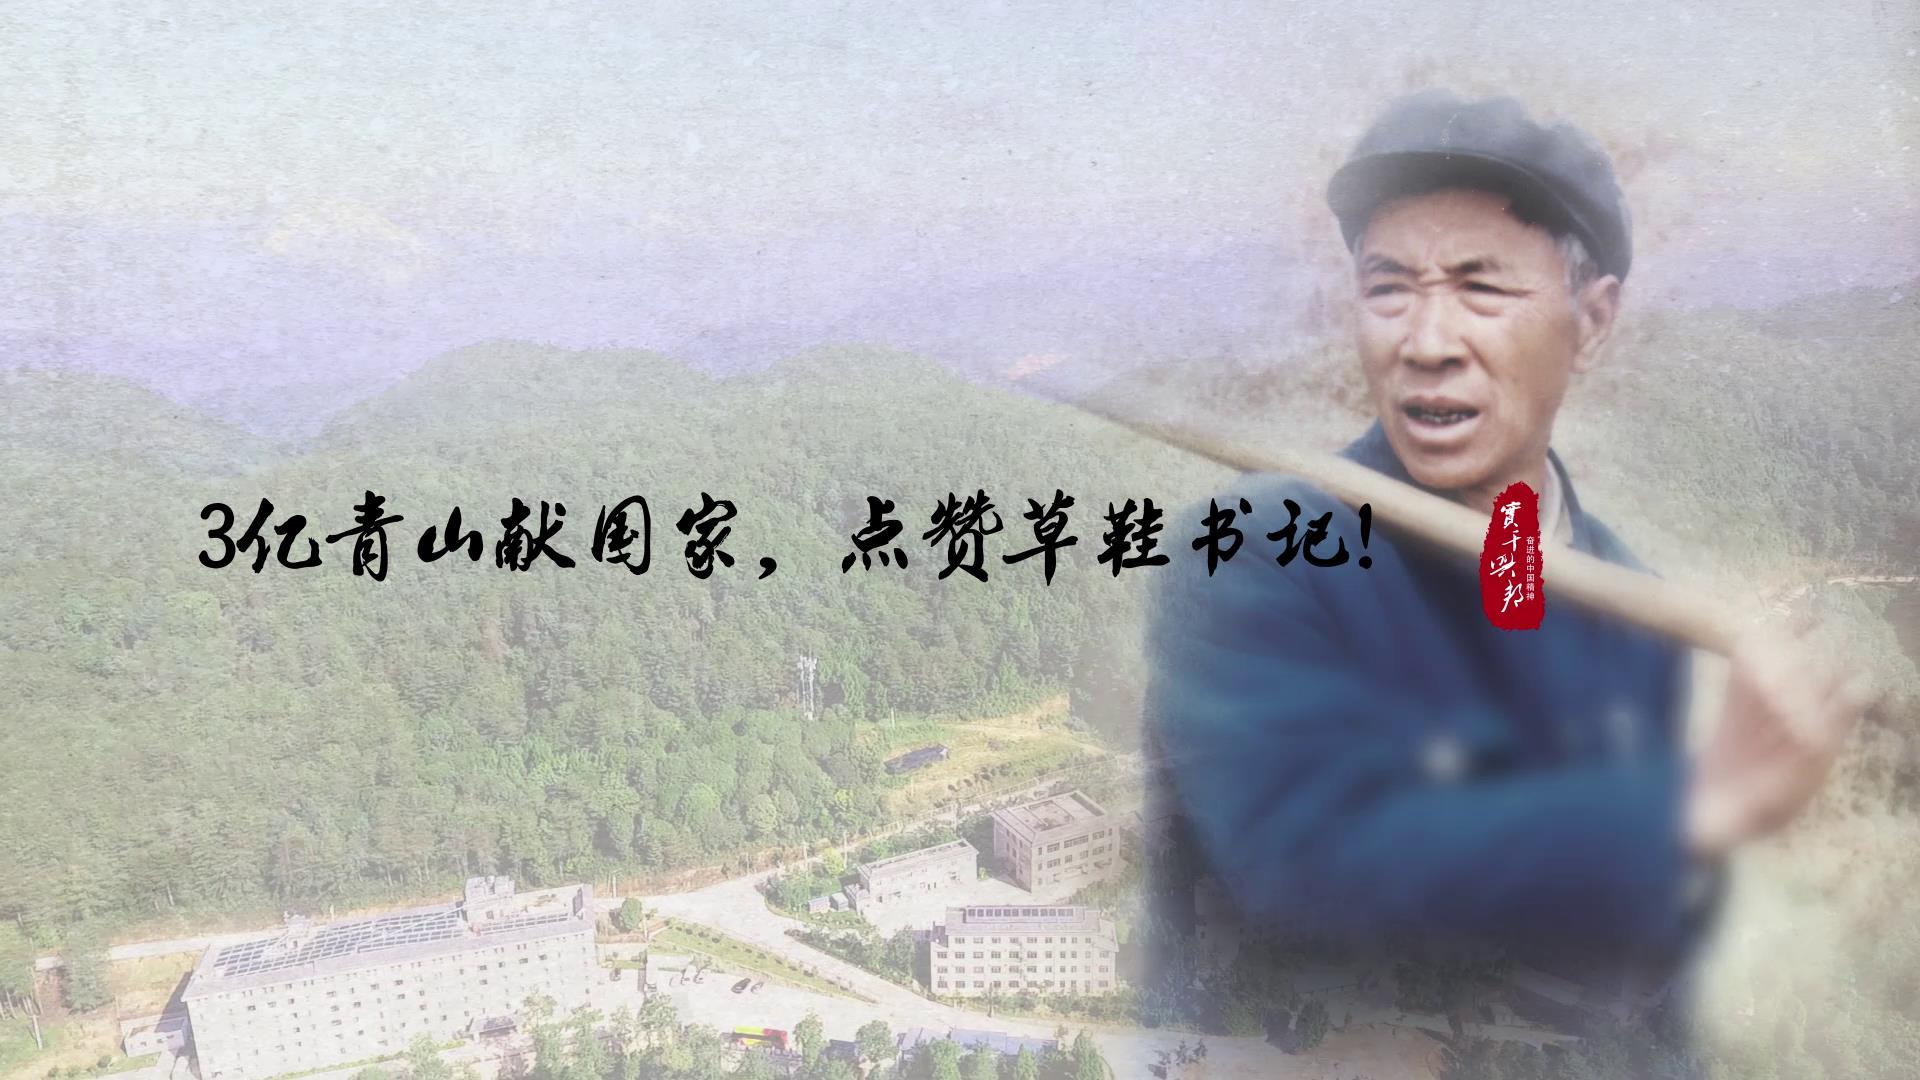 【奮進的中國精神】3億青山獻國家,點贊草鞋書記圖片